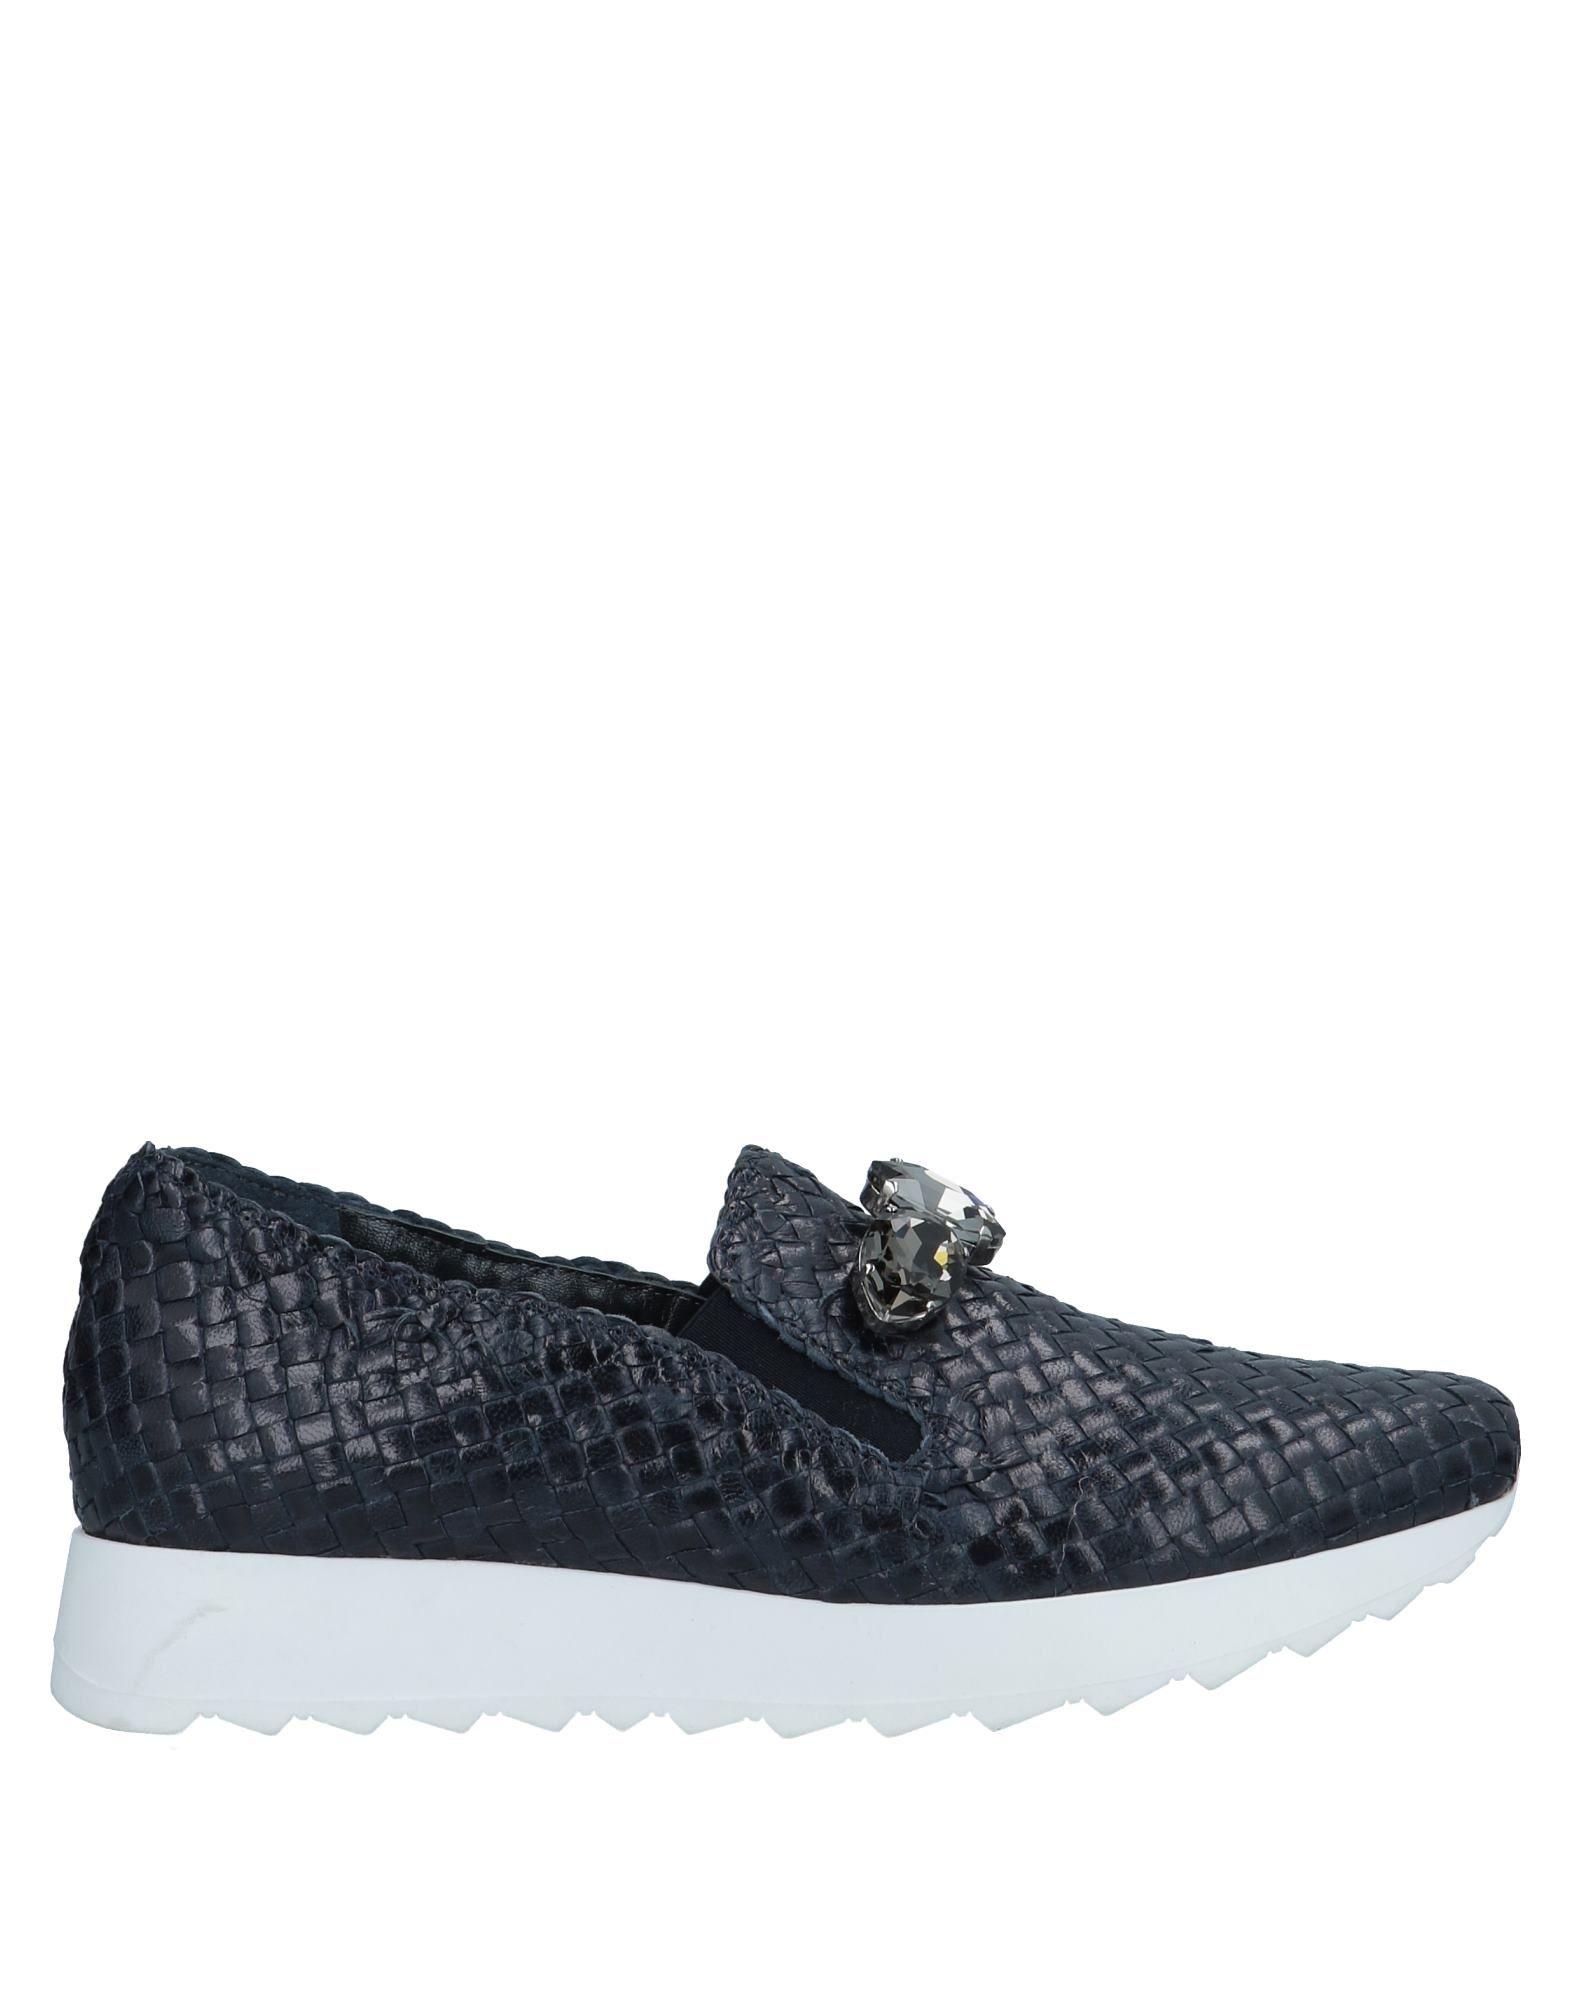 Le Marinē Sneakers Damen Gutes Preis-Leistungs-Verhältnis, es lohnt sich 893